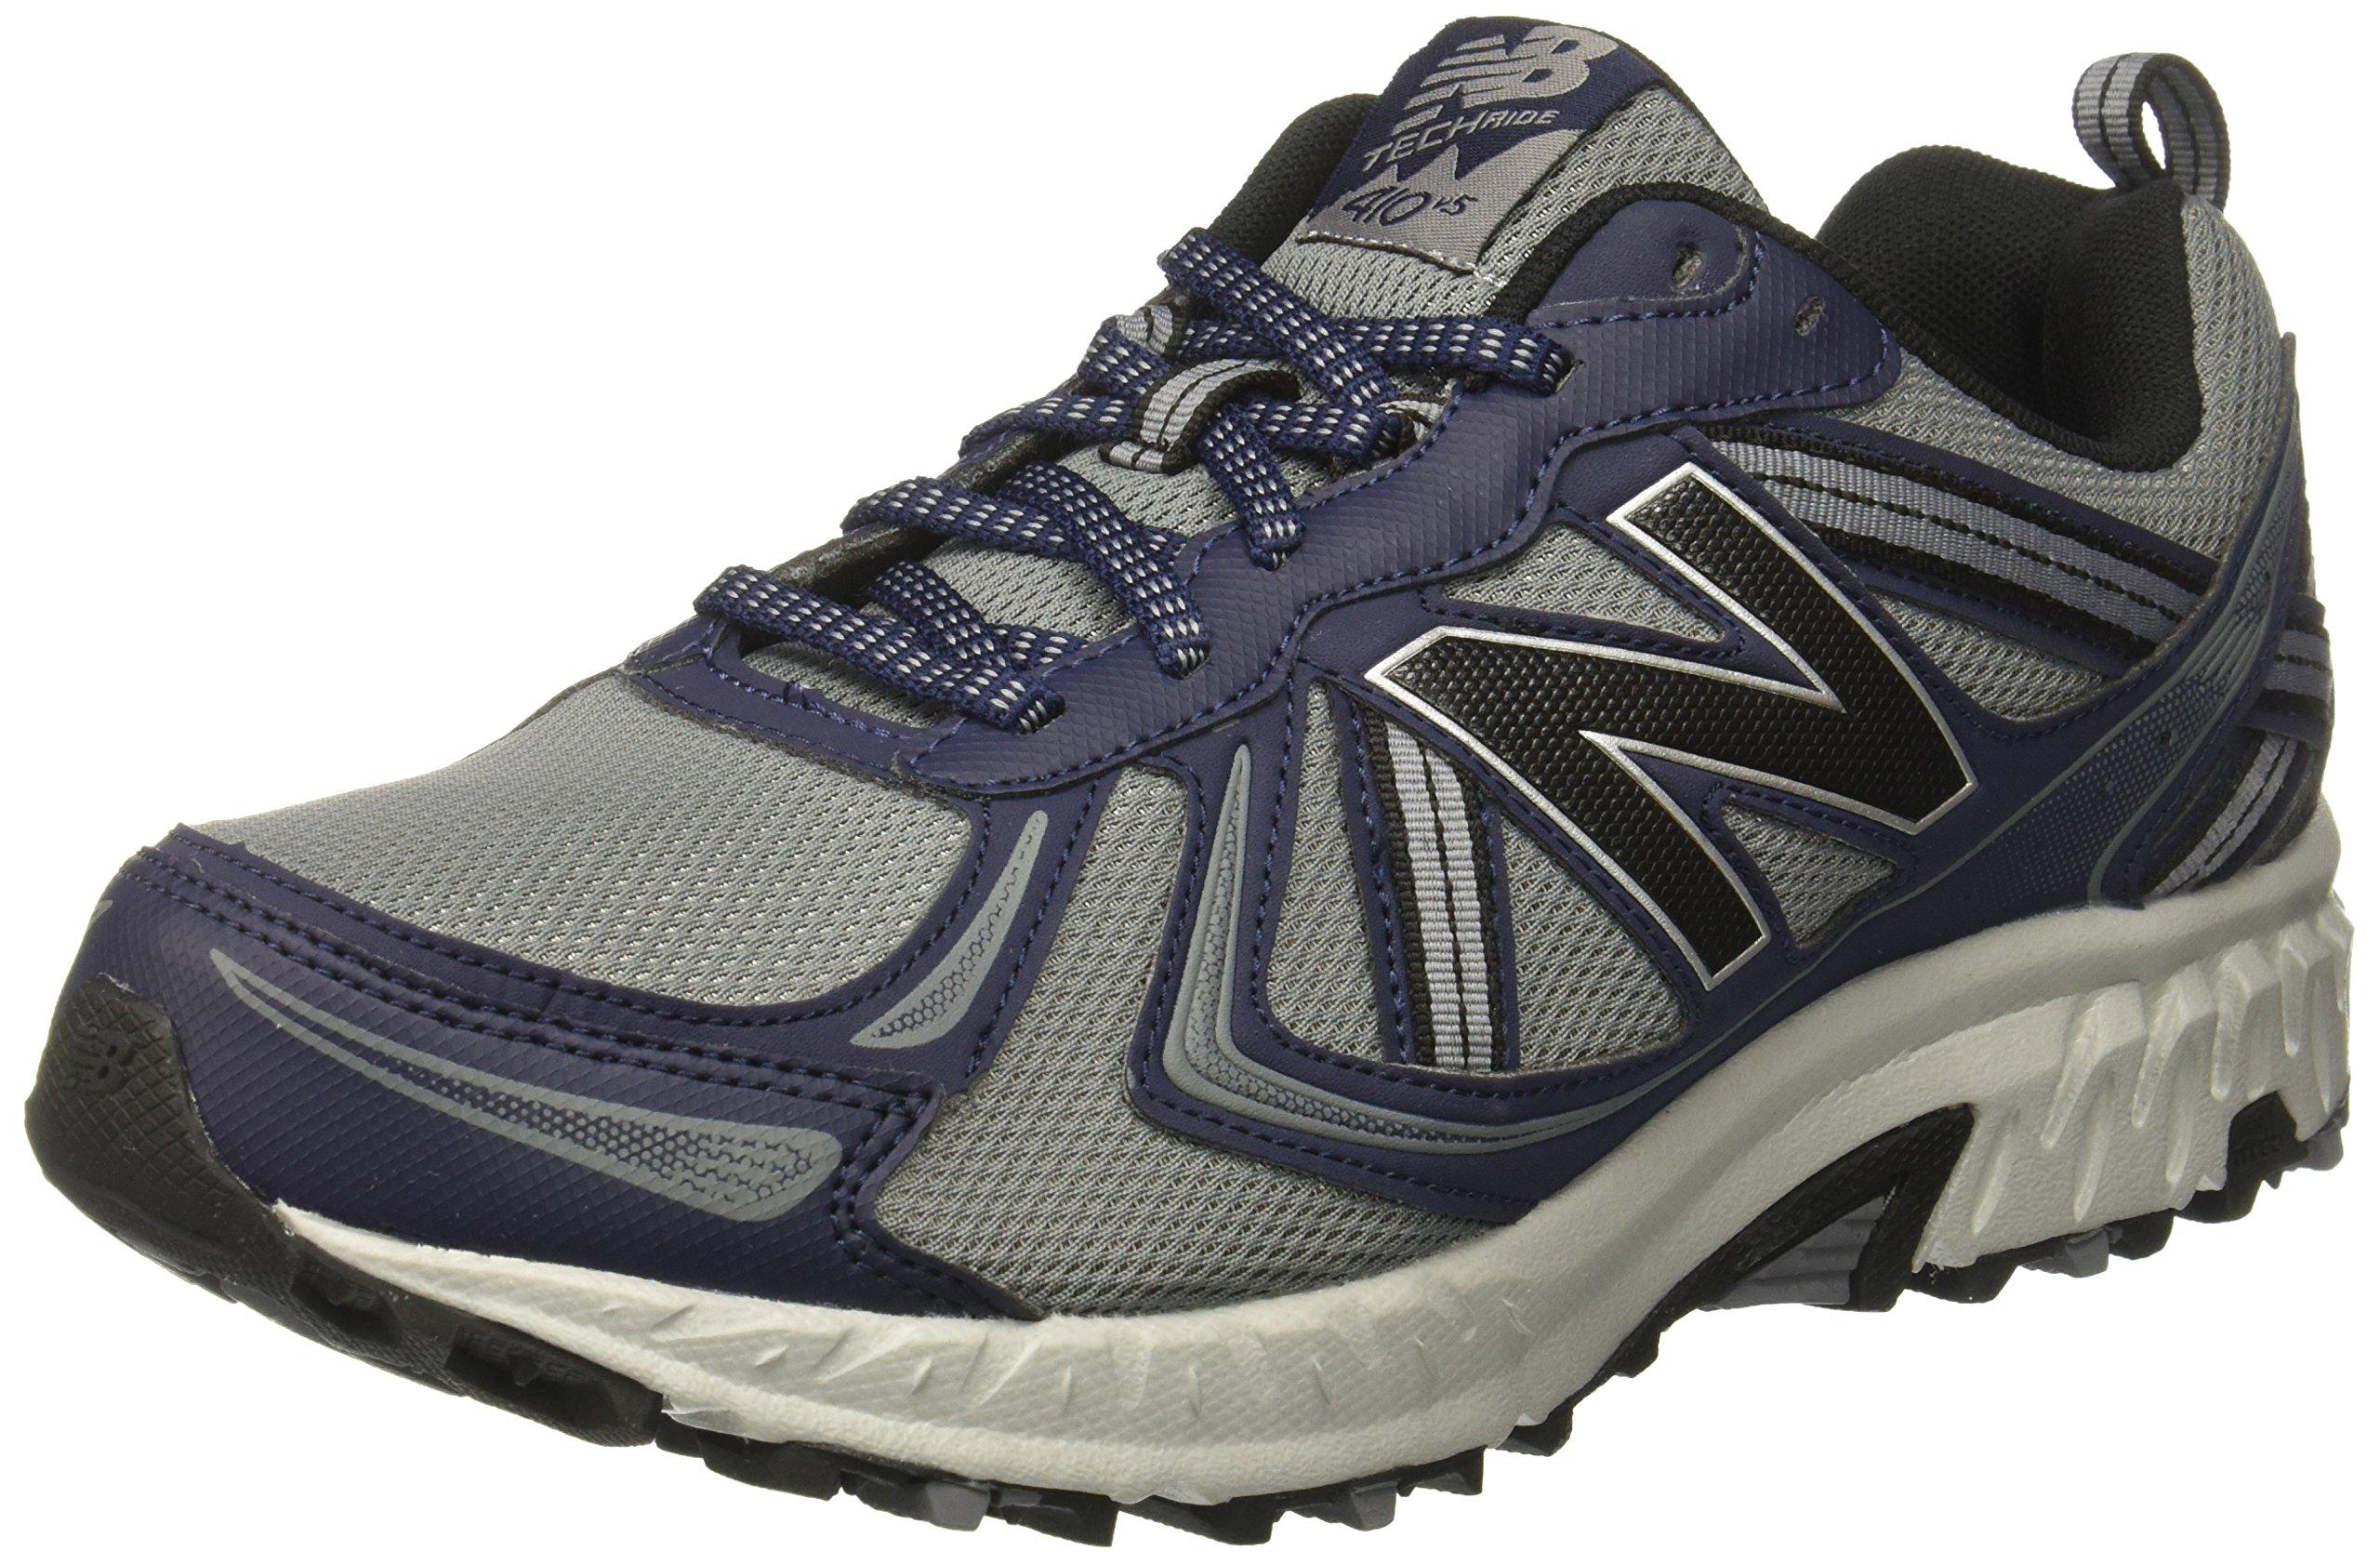 New Balance MT410v5 Cushioning Running